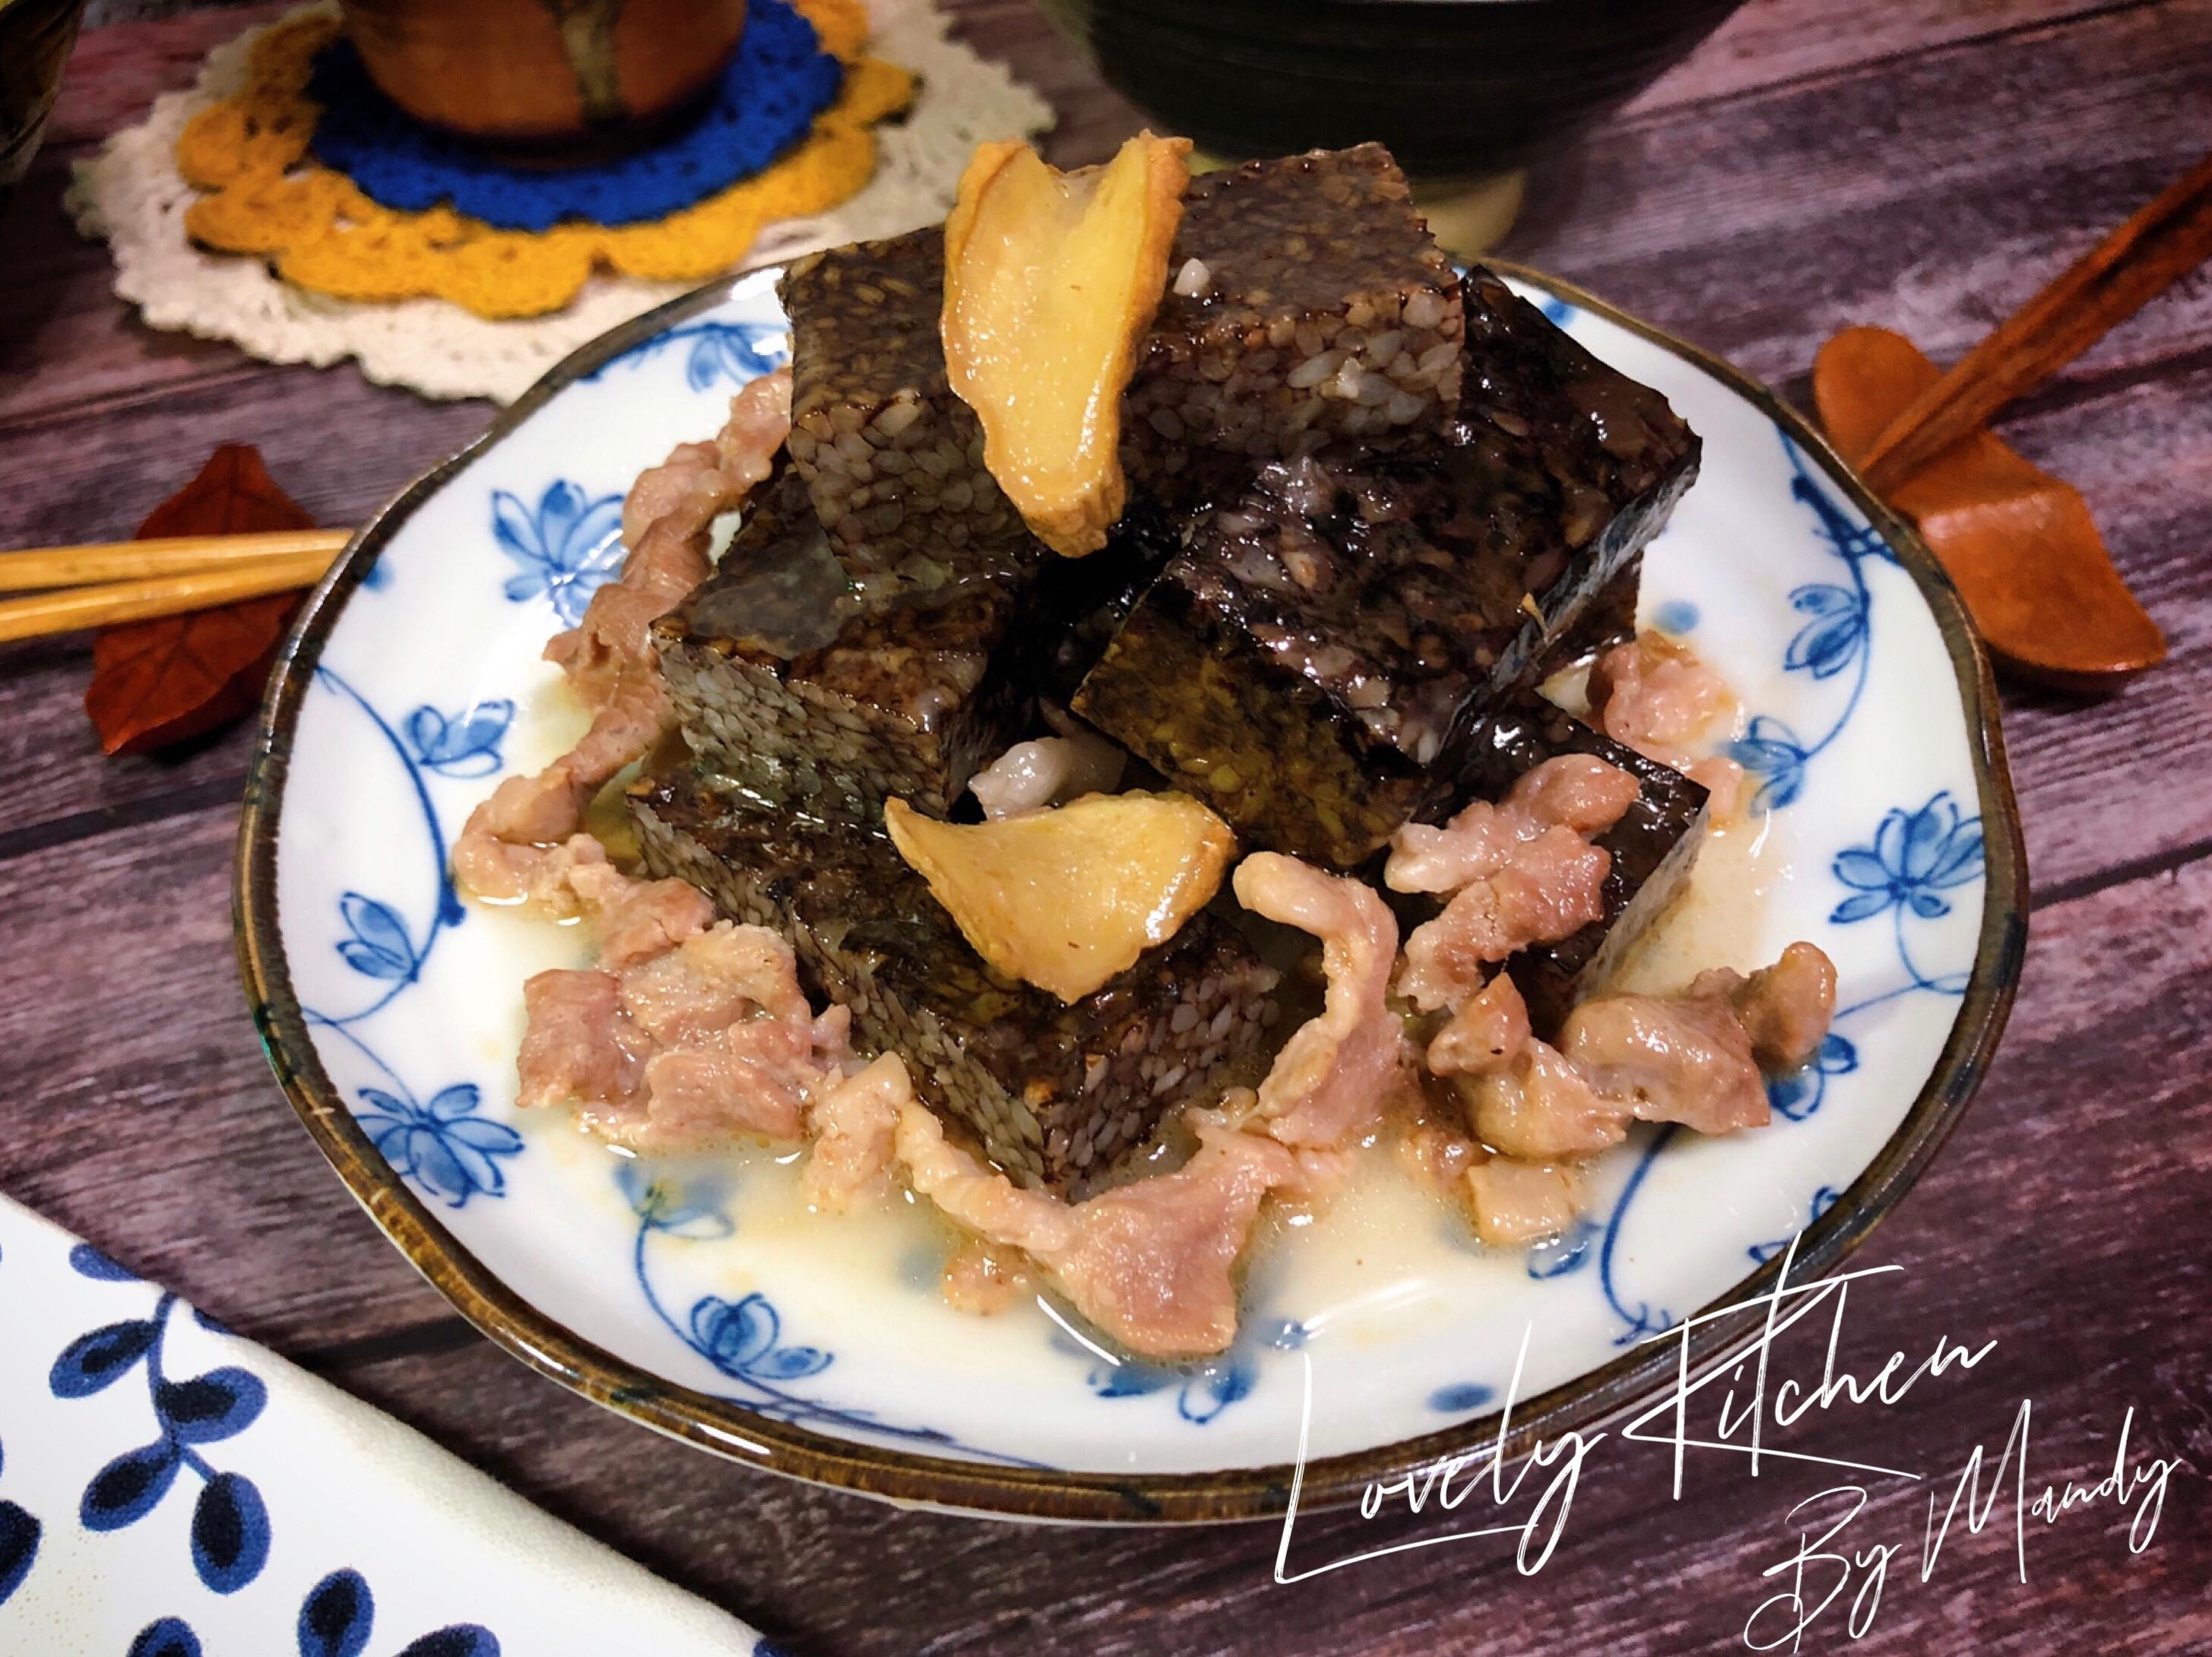 滷麻油梅花肉米血糕